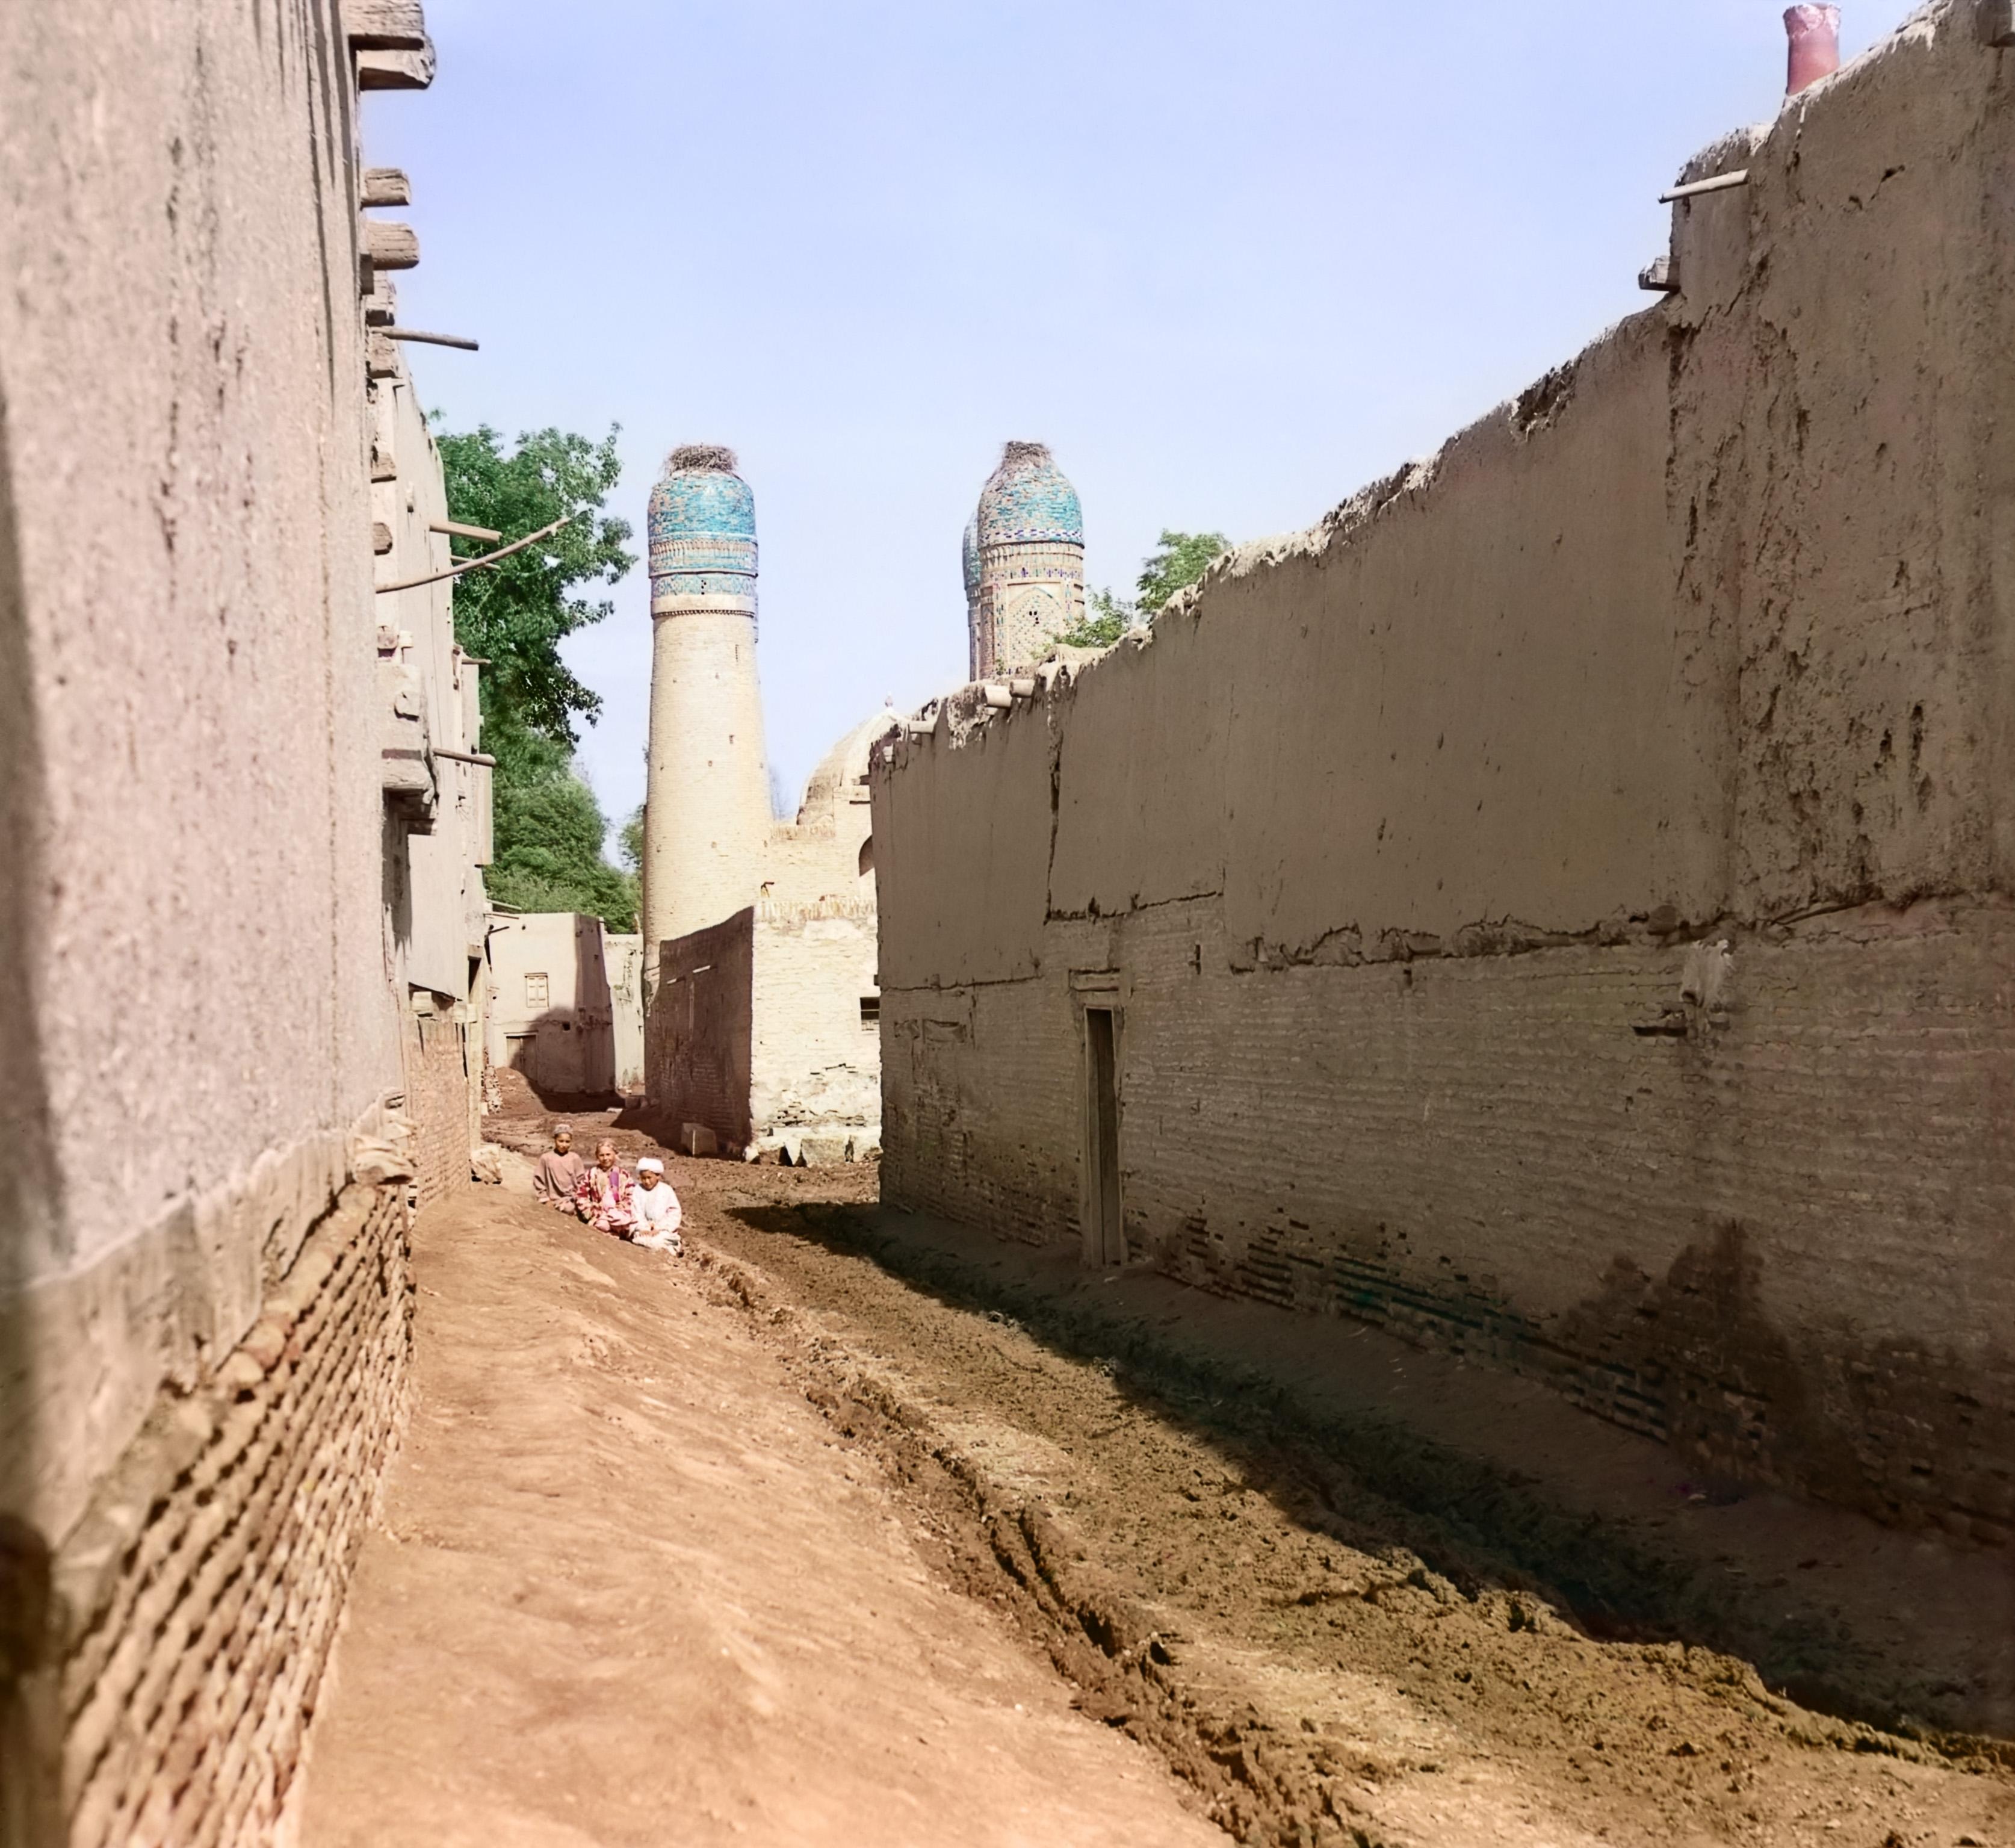 Улица в Бухаре с мечетью Чар-Минар